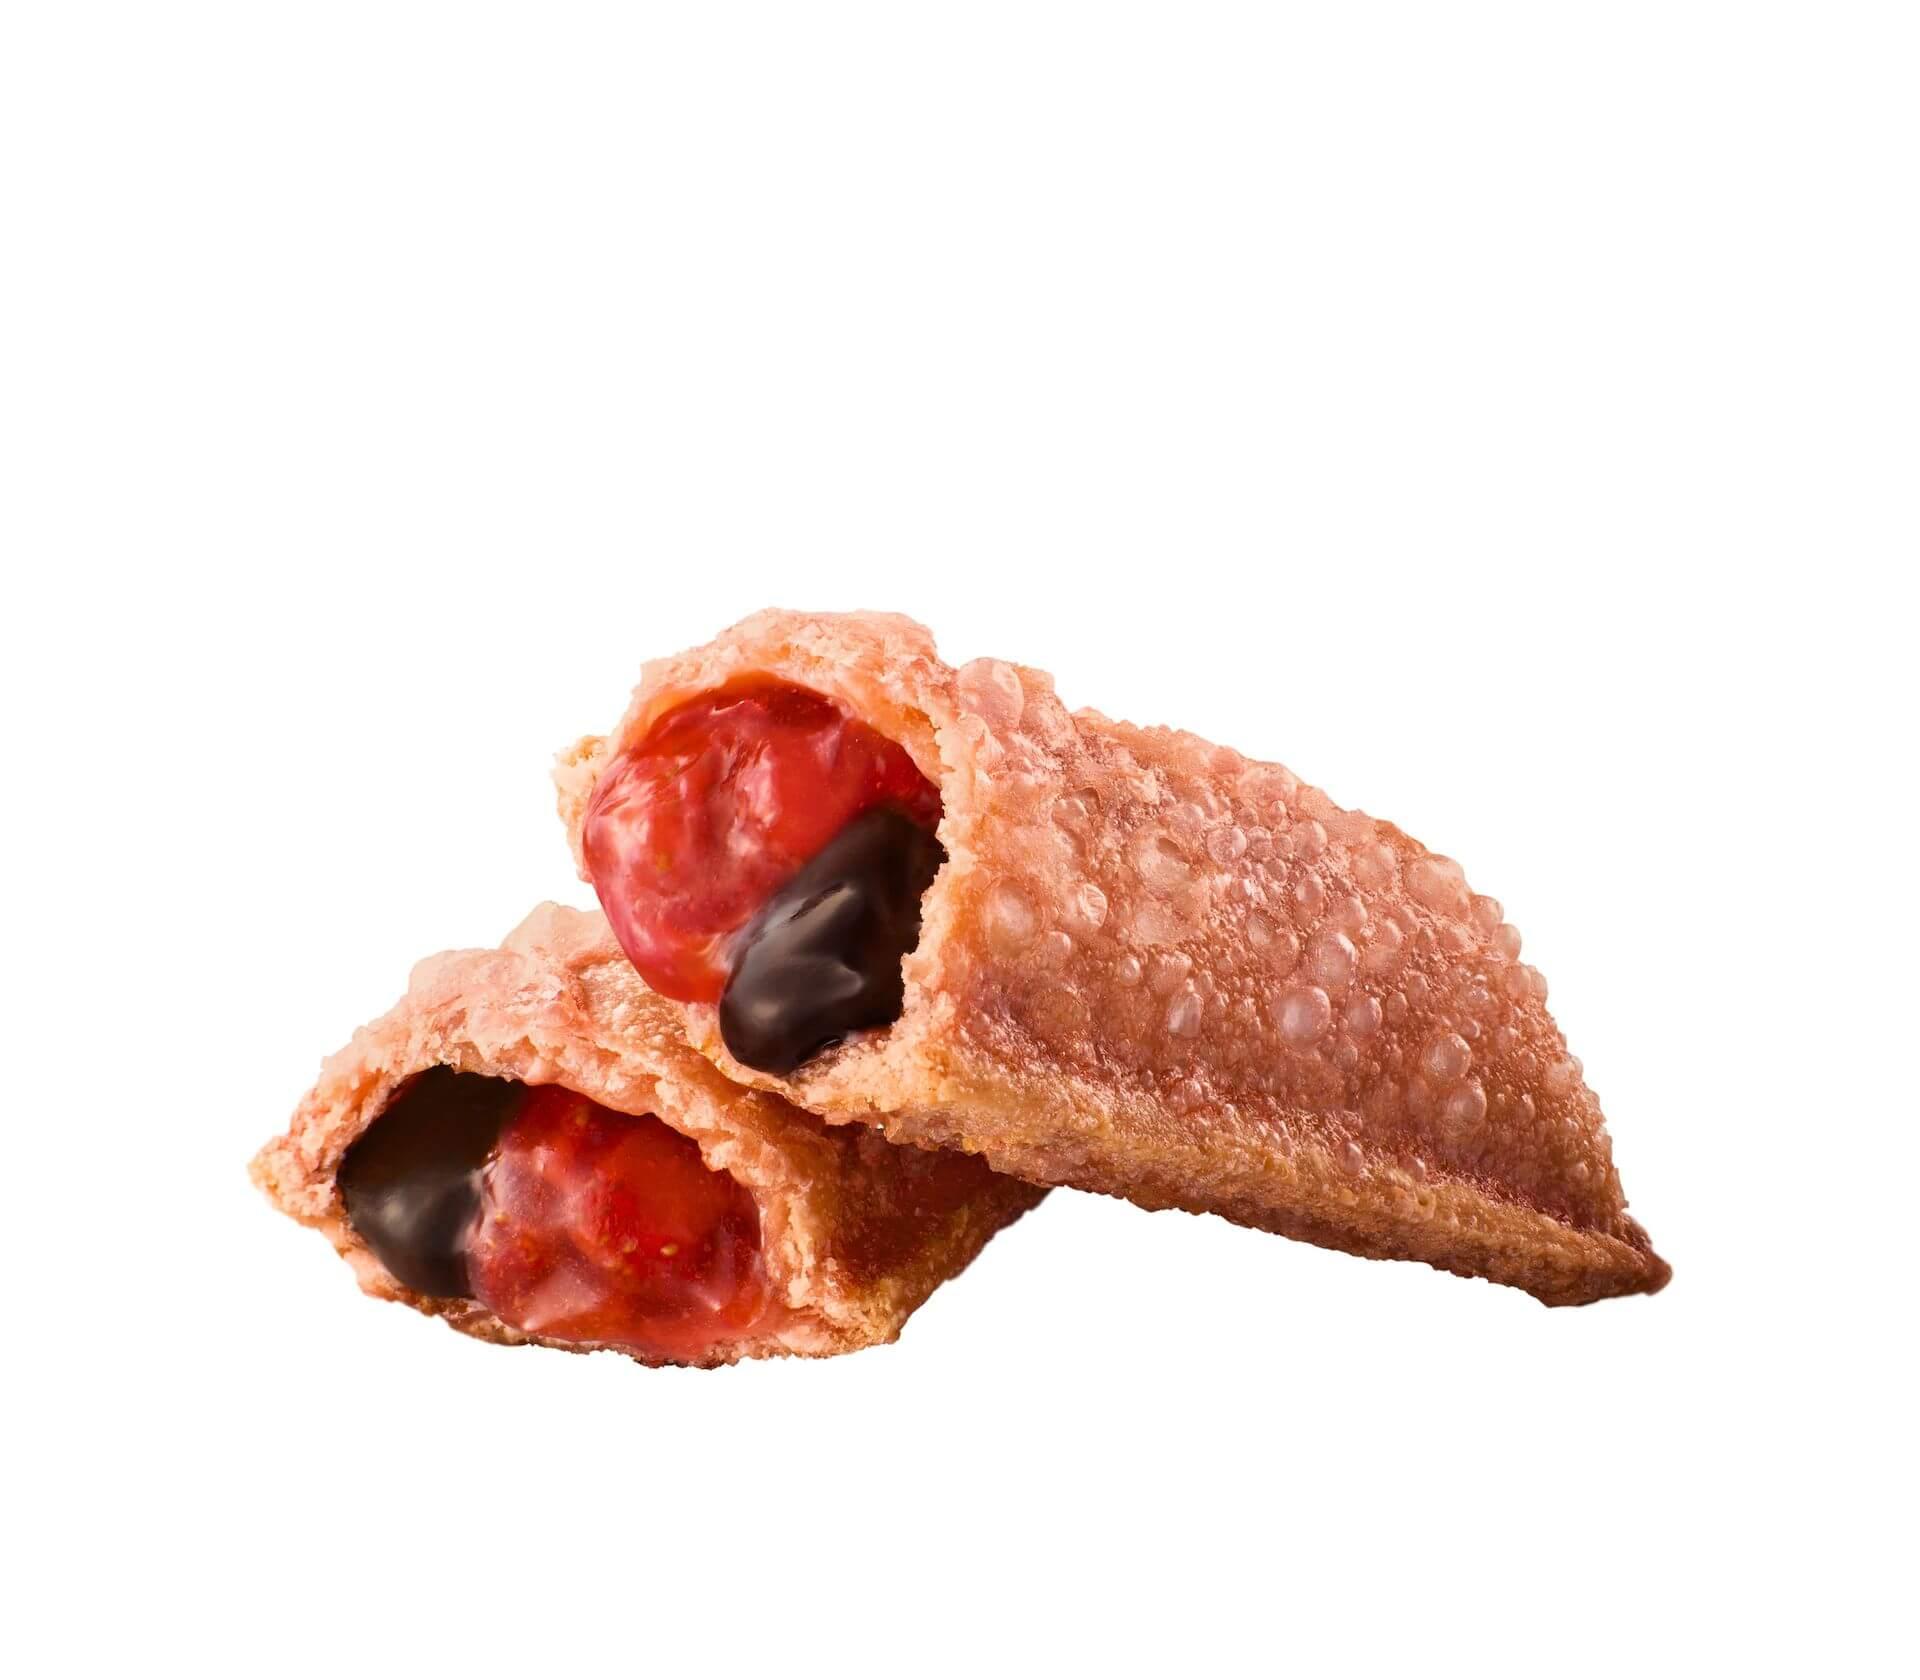 マクドナルドからチョコといちごが絡み合う新作フルーツパイ「ずるいチョコいちごパイ」が新登場!プレミアムローストコーヒーMサイズが100円で飲めるキャンペーンも gourmet210302_mcdonald_pie_4